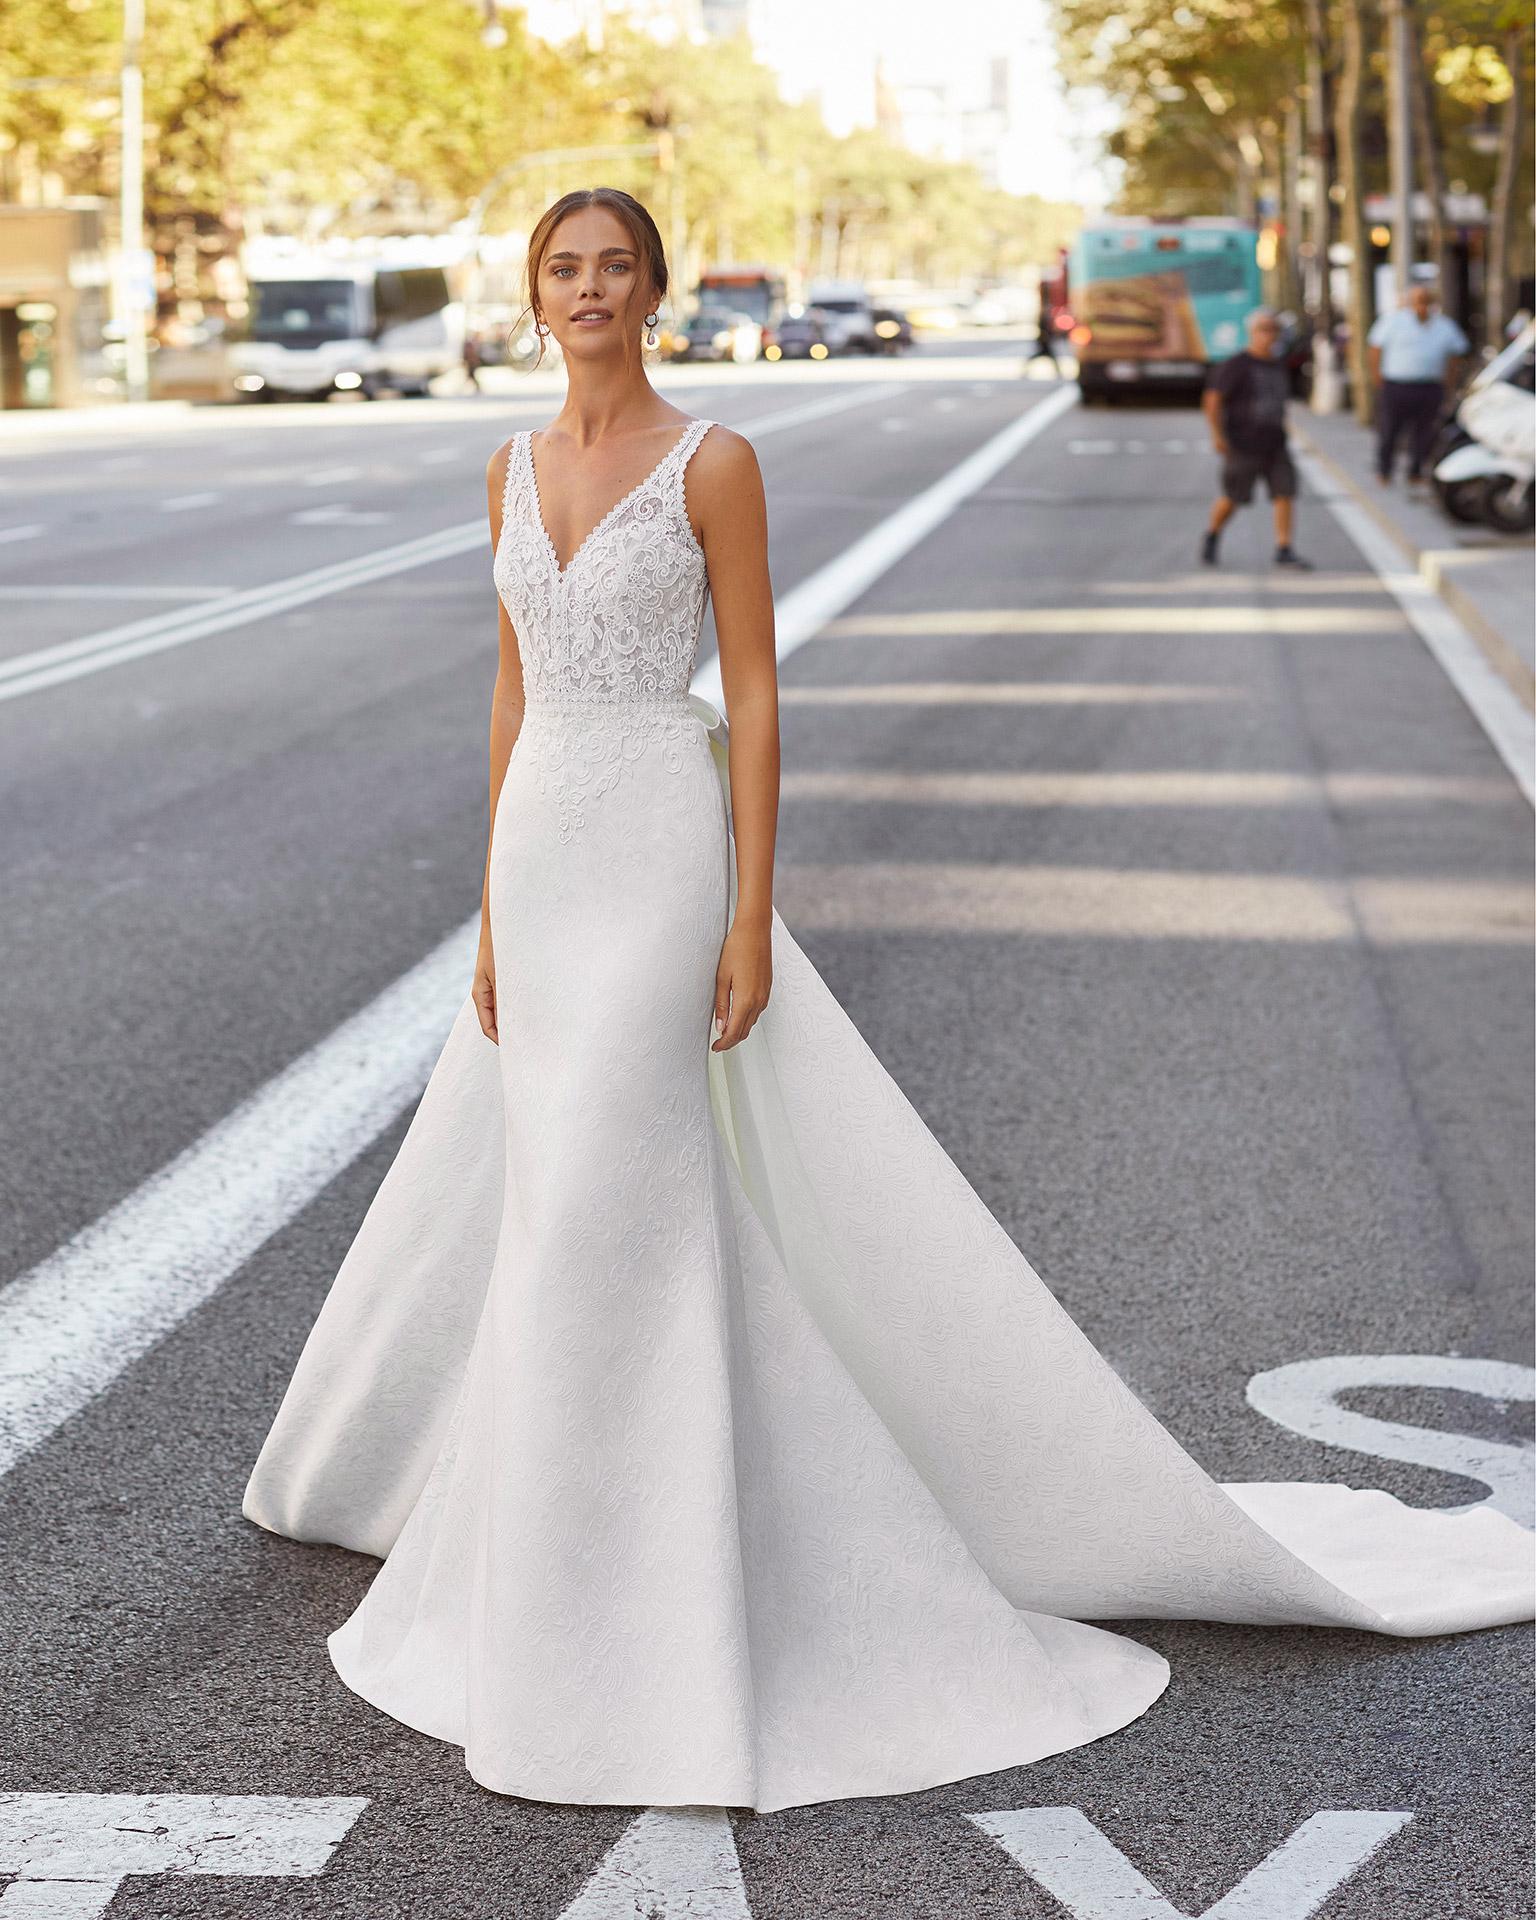 Vestido y cola de novia estilo clásico de brocado, encaje y pedrería en cintura. Con escote y espalda en V y lazo en la cola. Colección  2021.